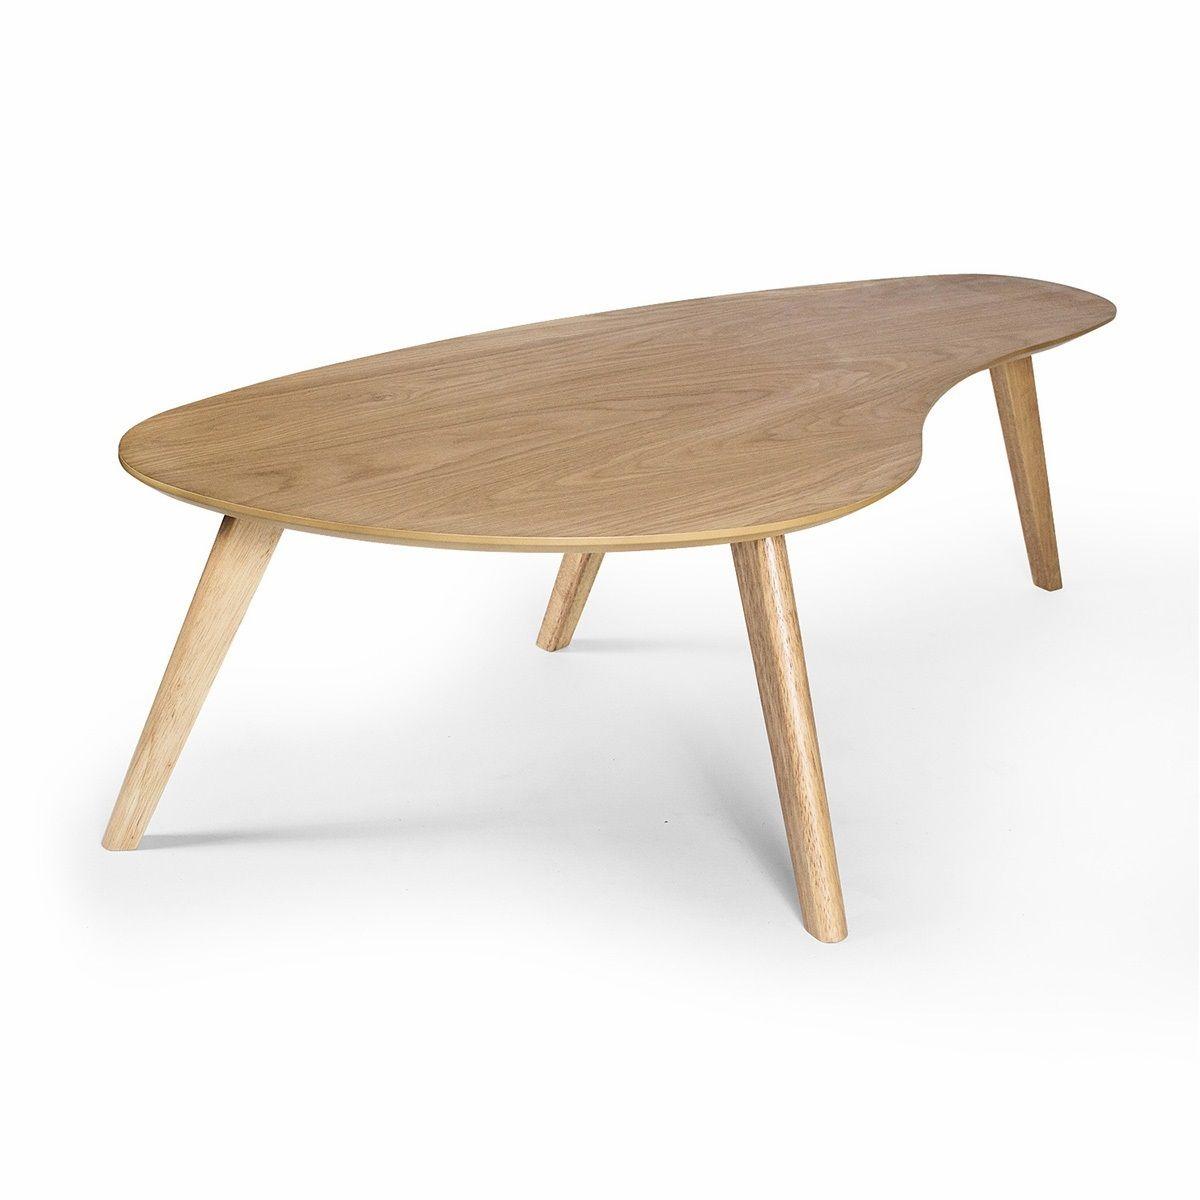 Kidney Shaped Coffee Table White Oak In 2021 White Oak Coffee Table Coffee Table Coffee Table Wood [ 1200 x 1200 Pixel ]